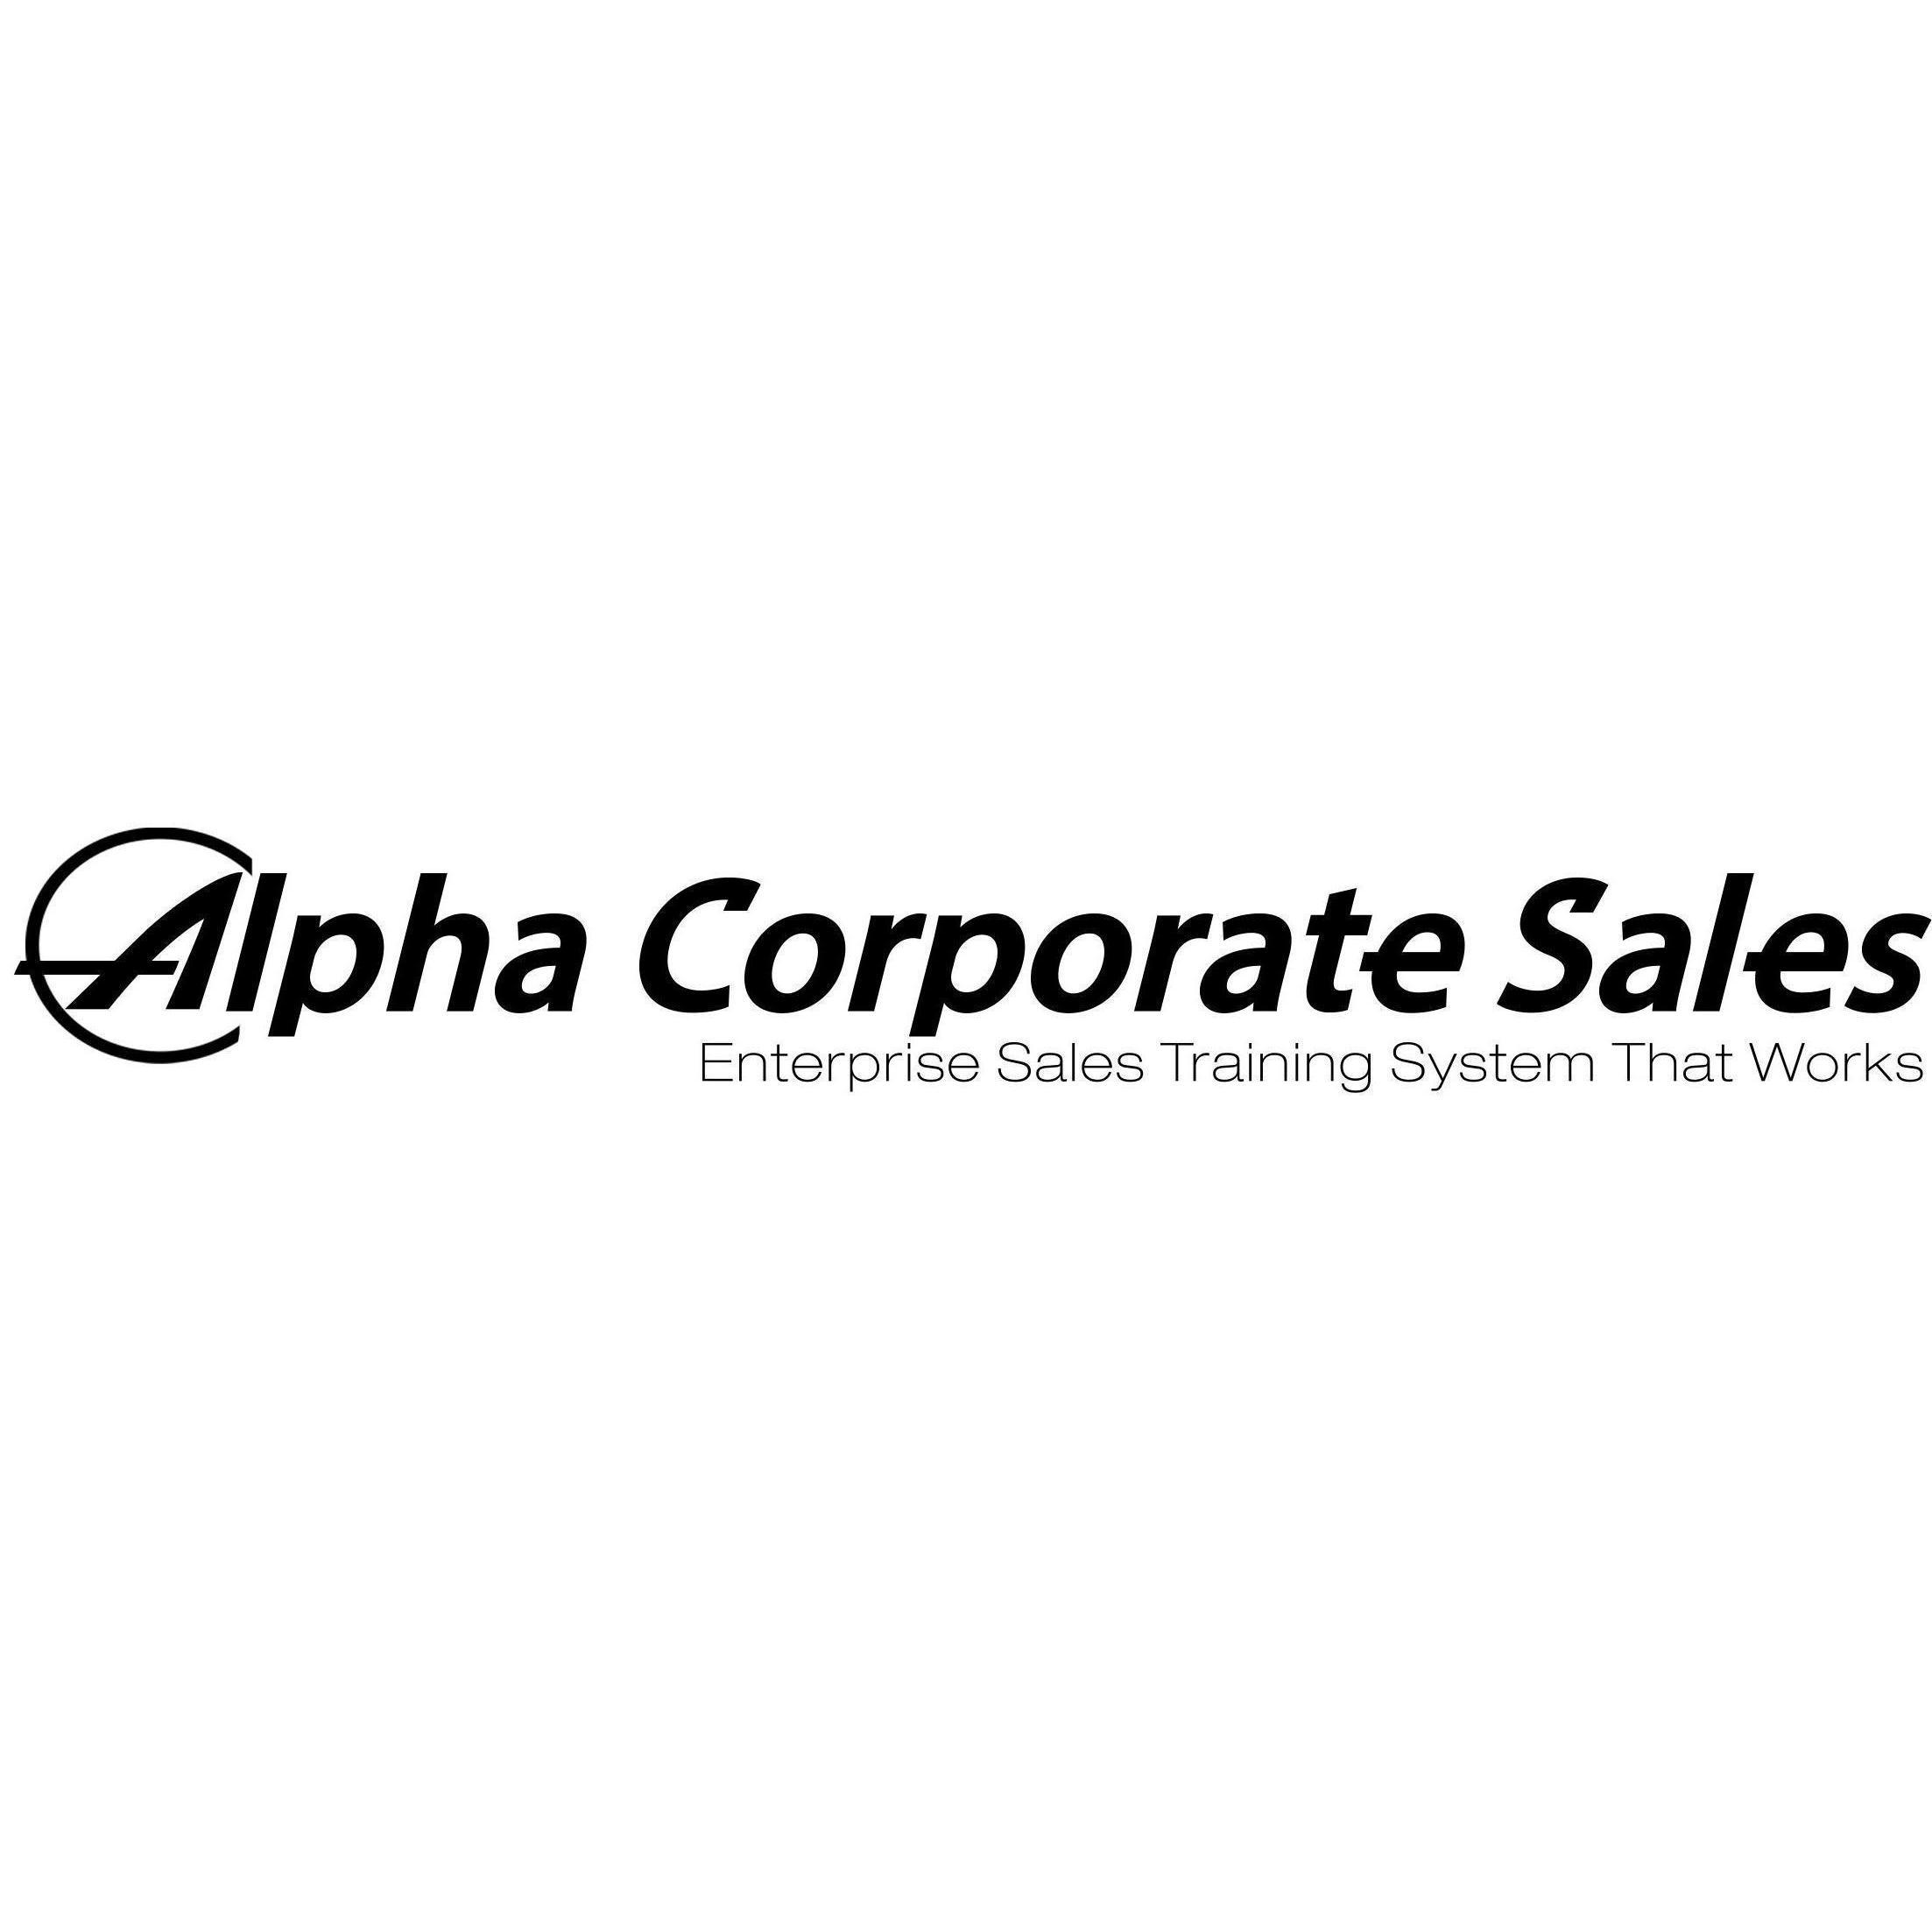 Alpha Corporate Sales